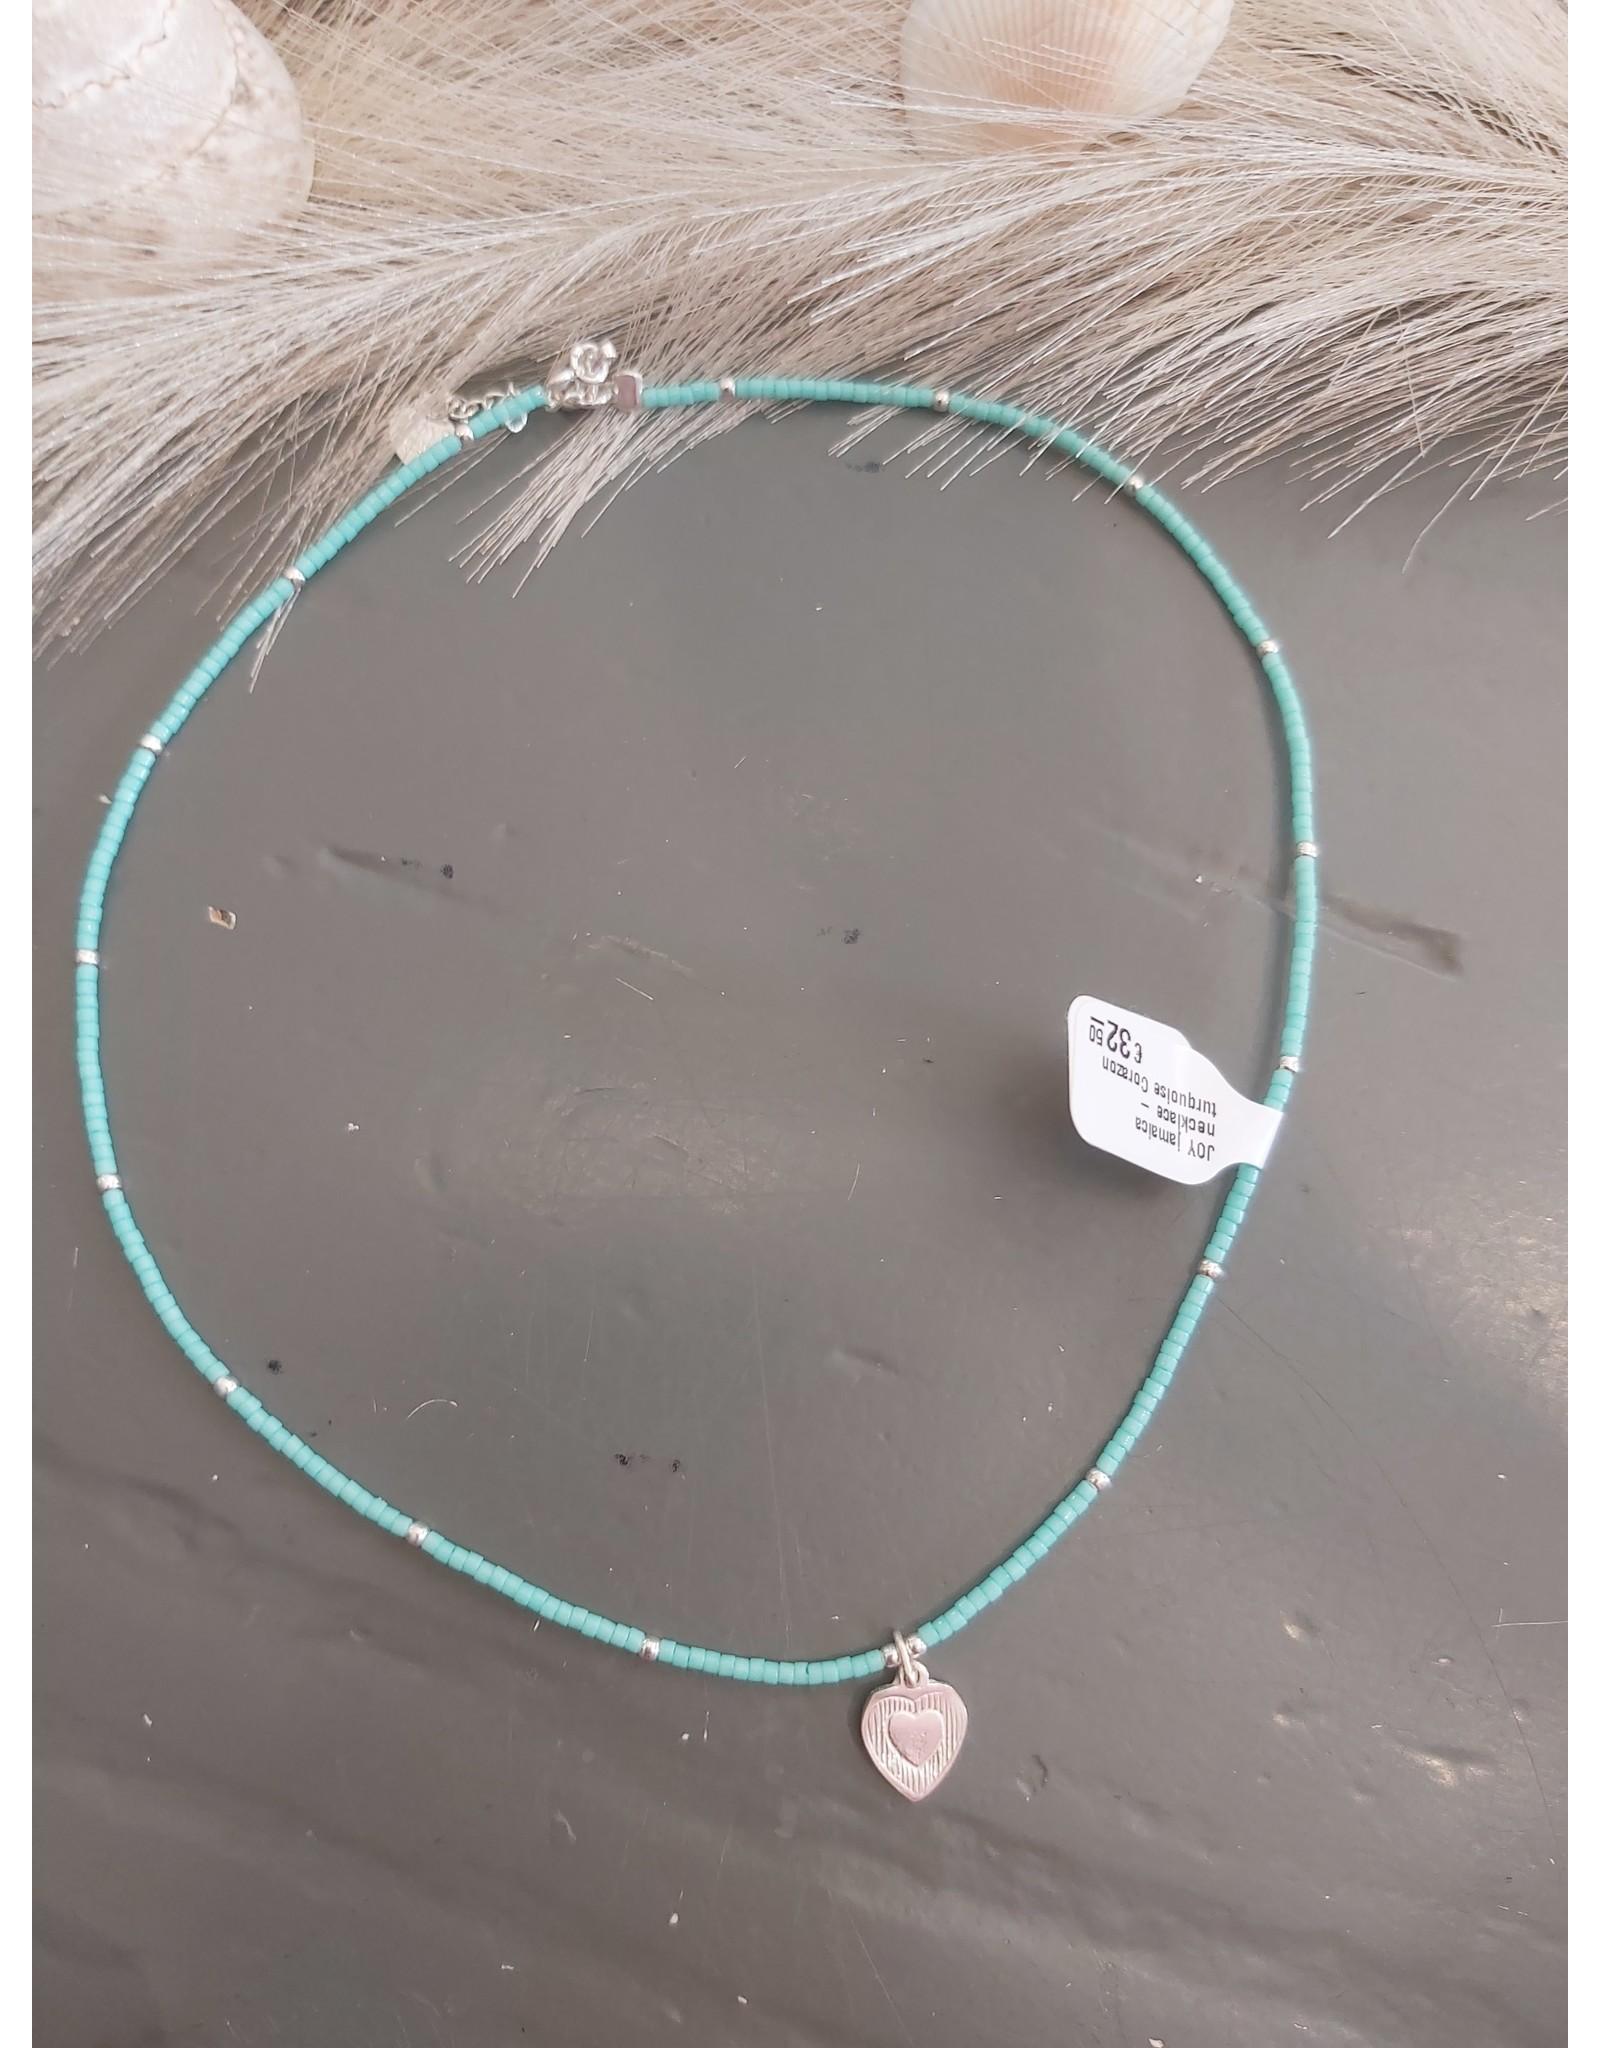 Joy Bali JOY jamaica necklace - turquoise